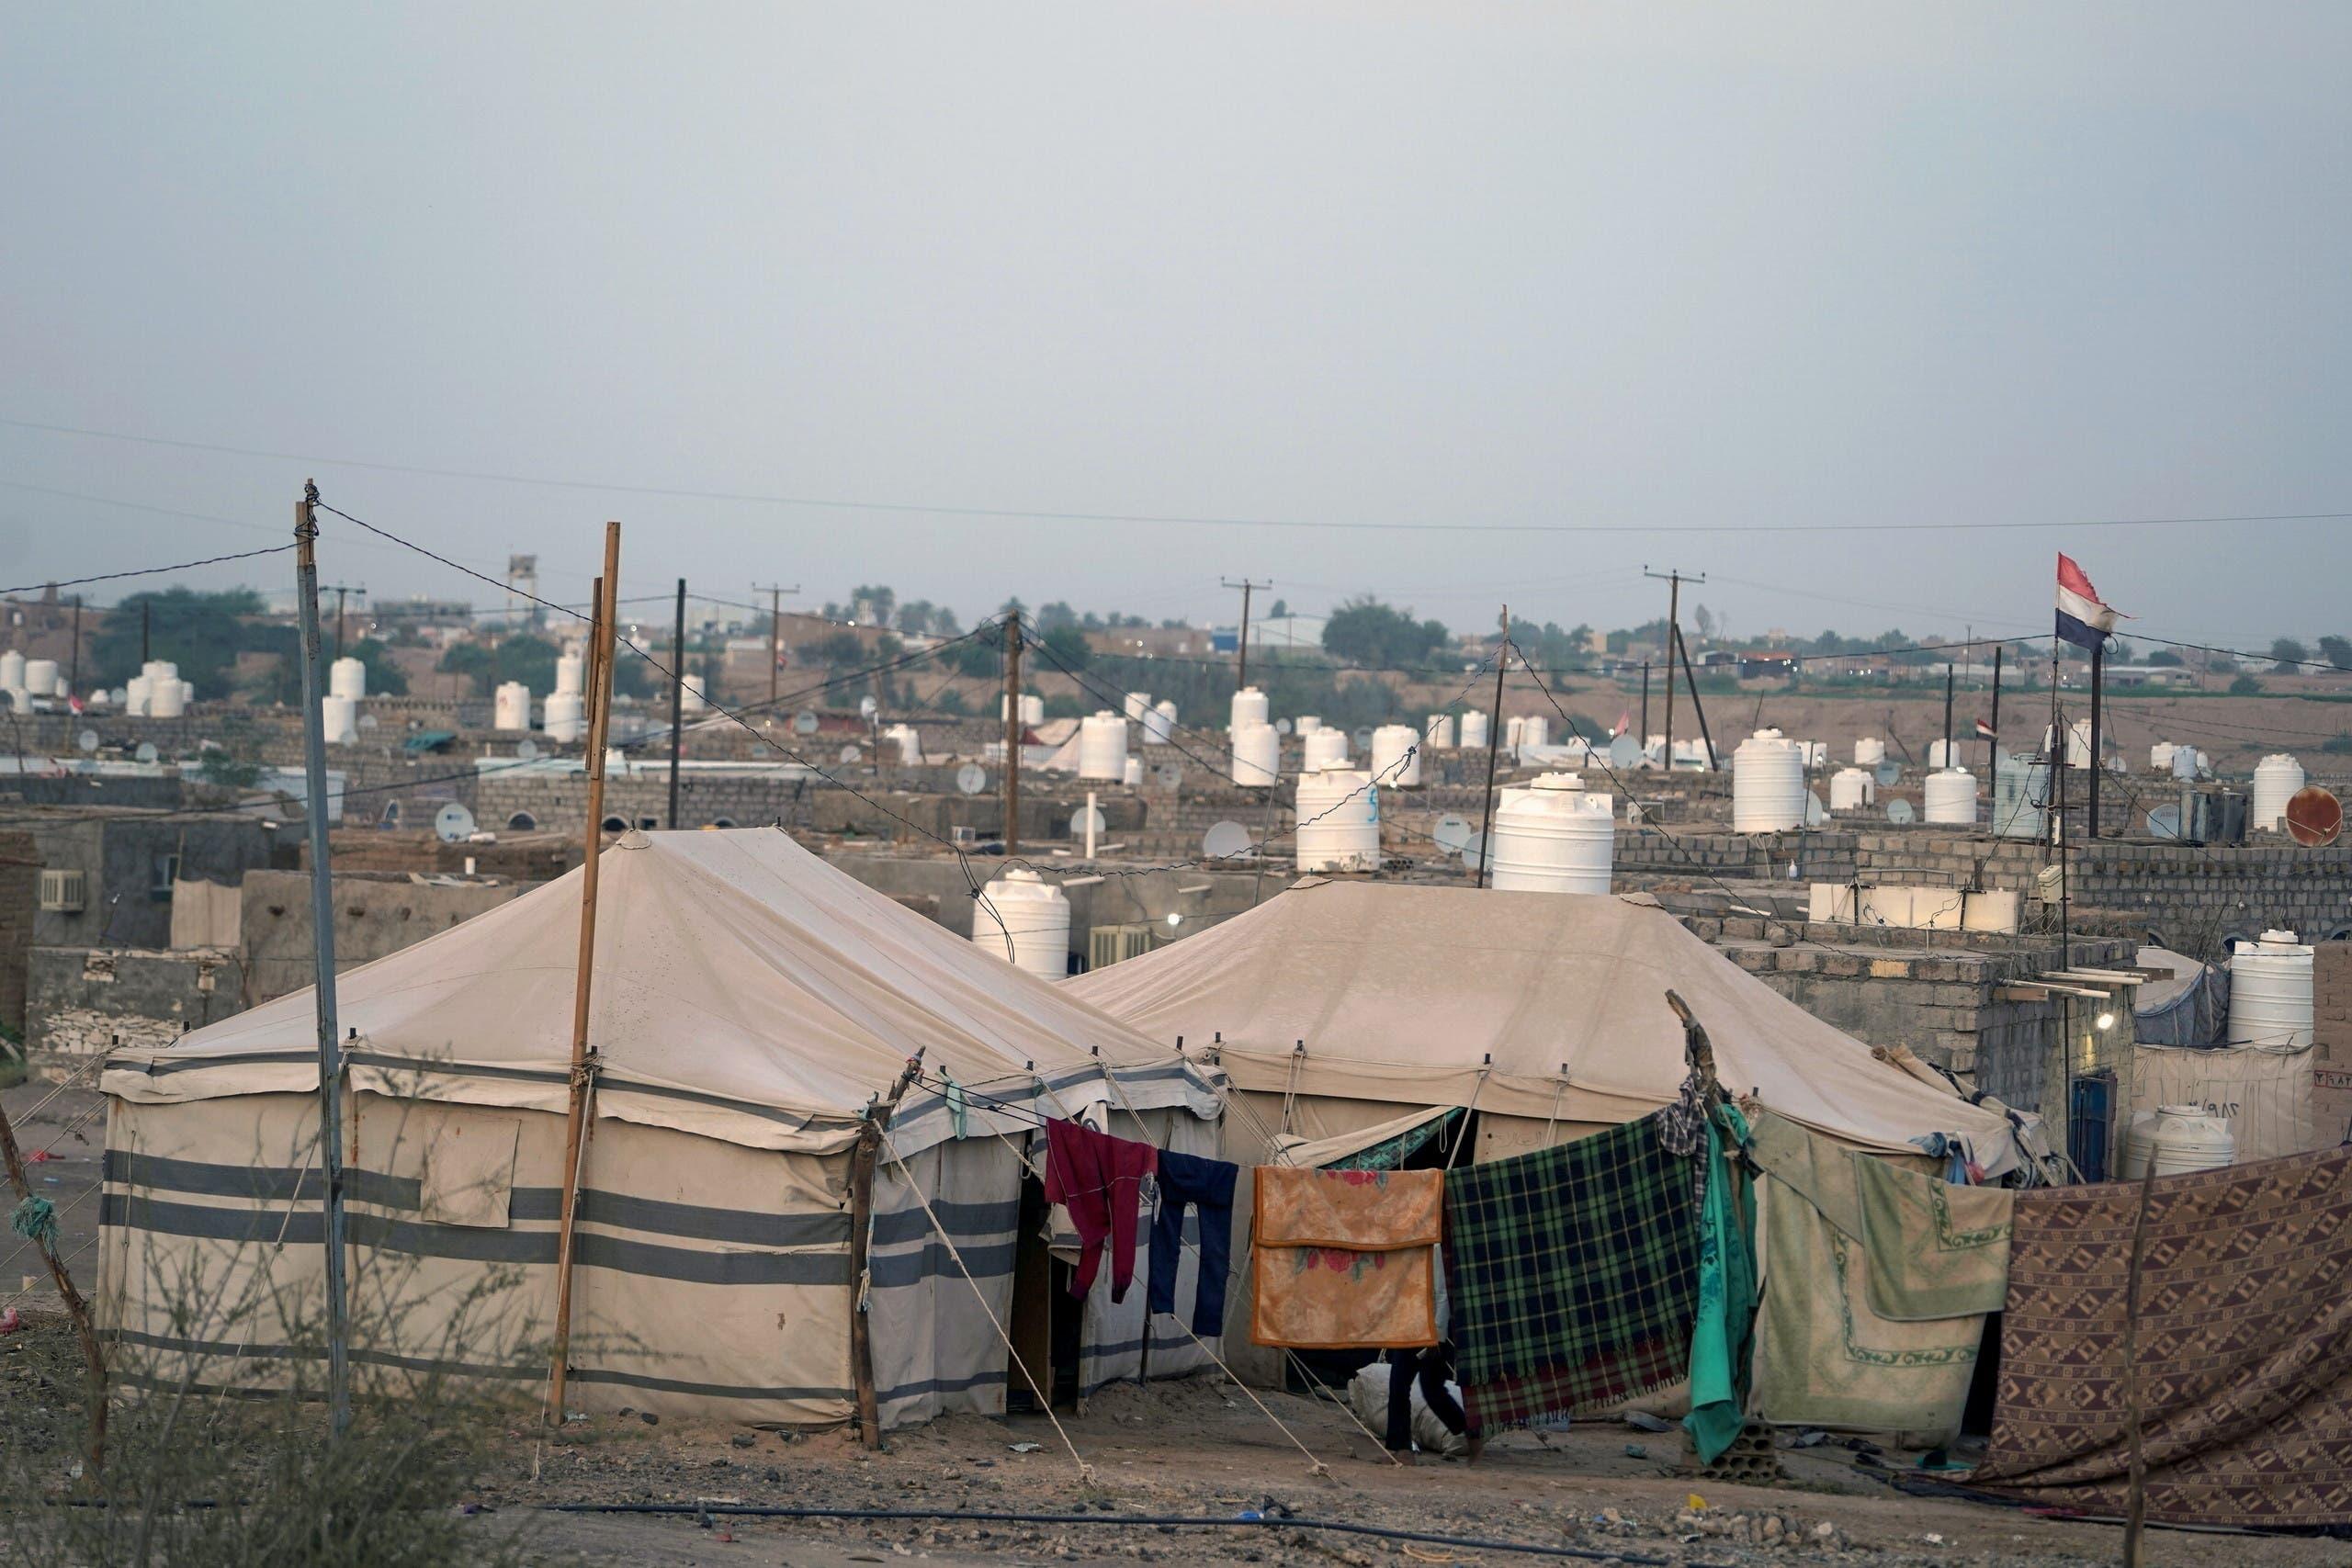 مخيم للنازحين في مأرب (أرشيفية من رويترز)